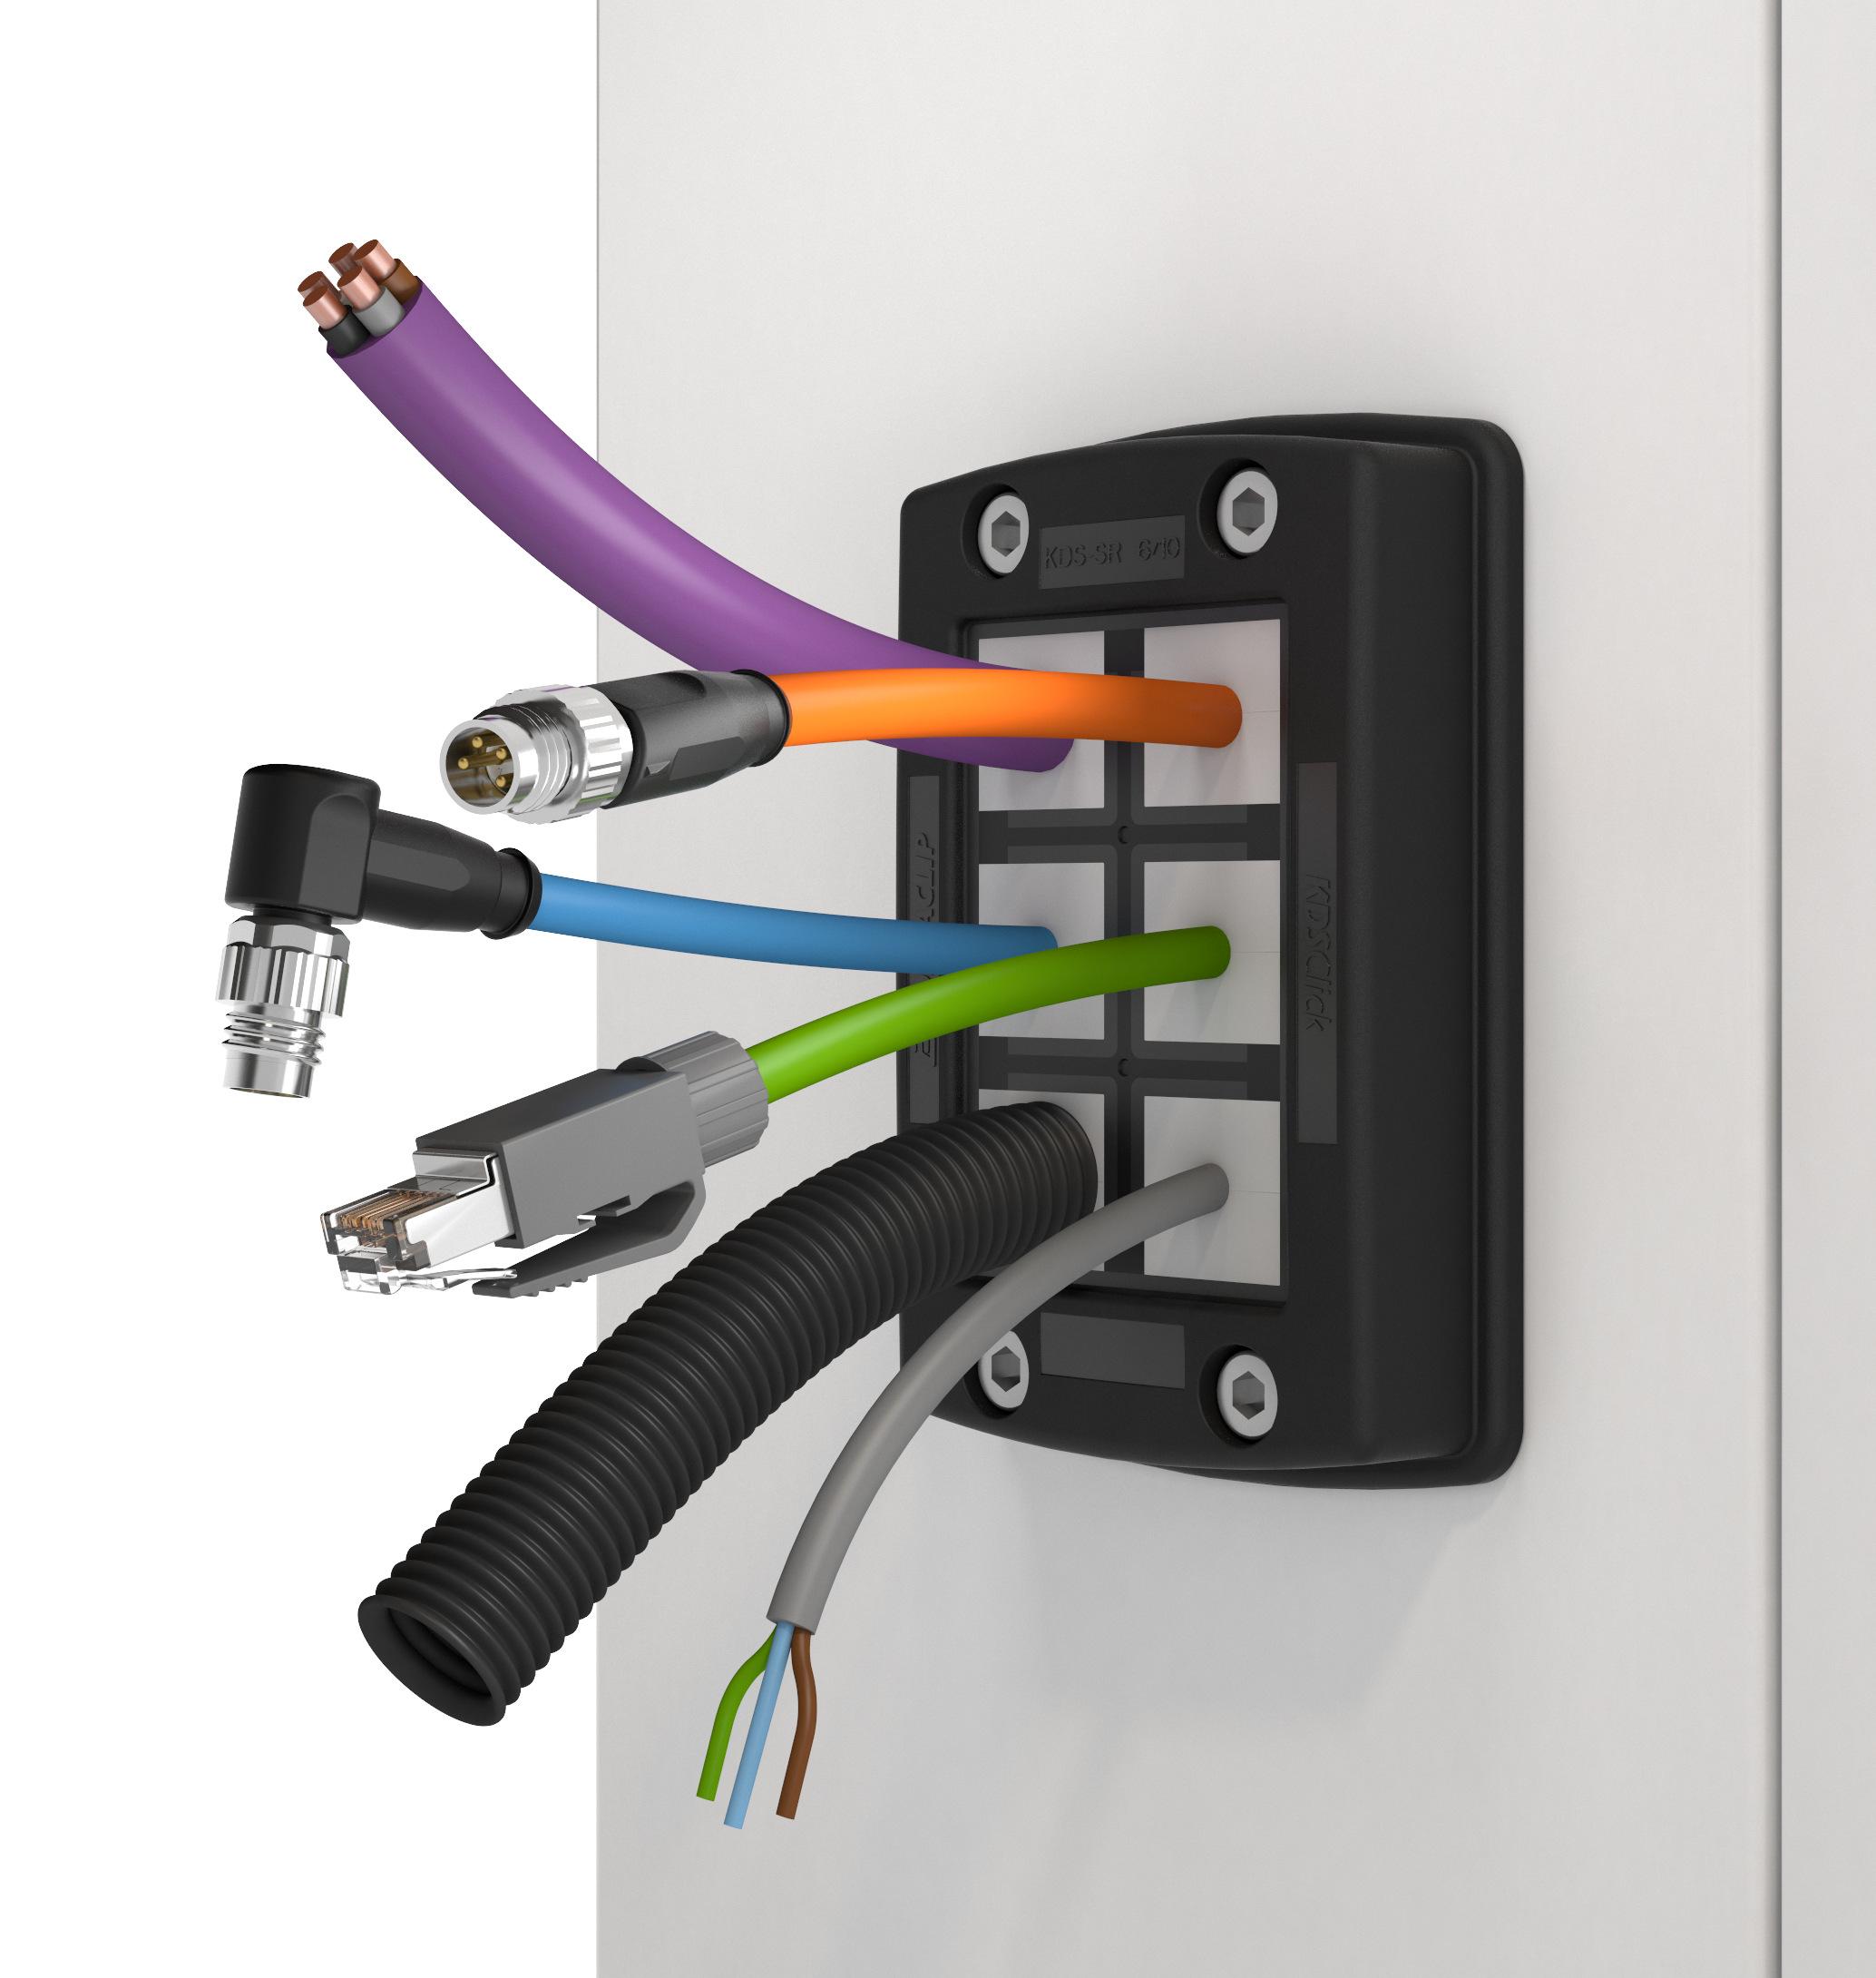 Ziemlich Reißen Blöcke Für Kabel Fotos - Elektrische Schaltplan ...